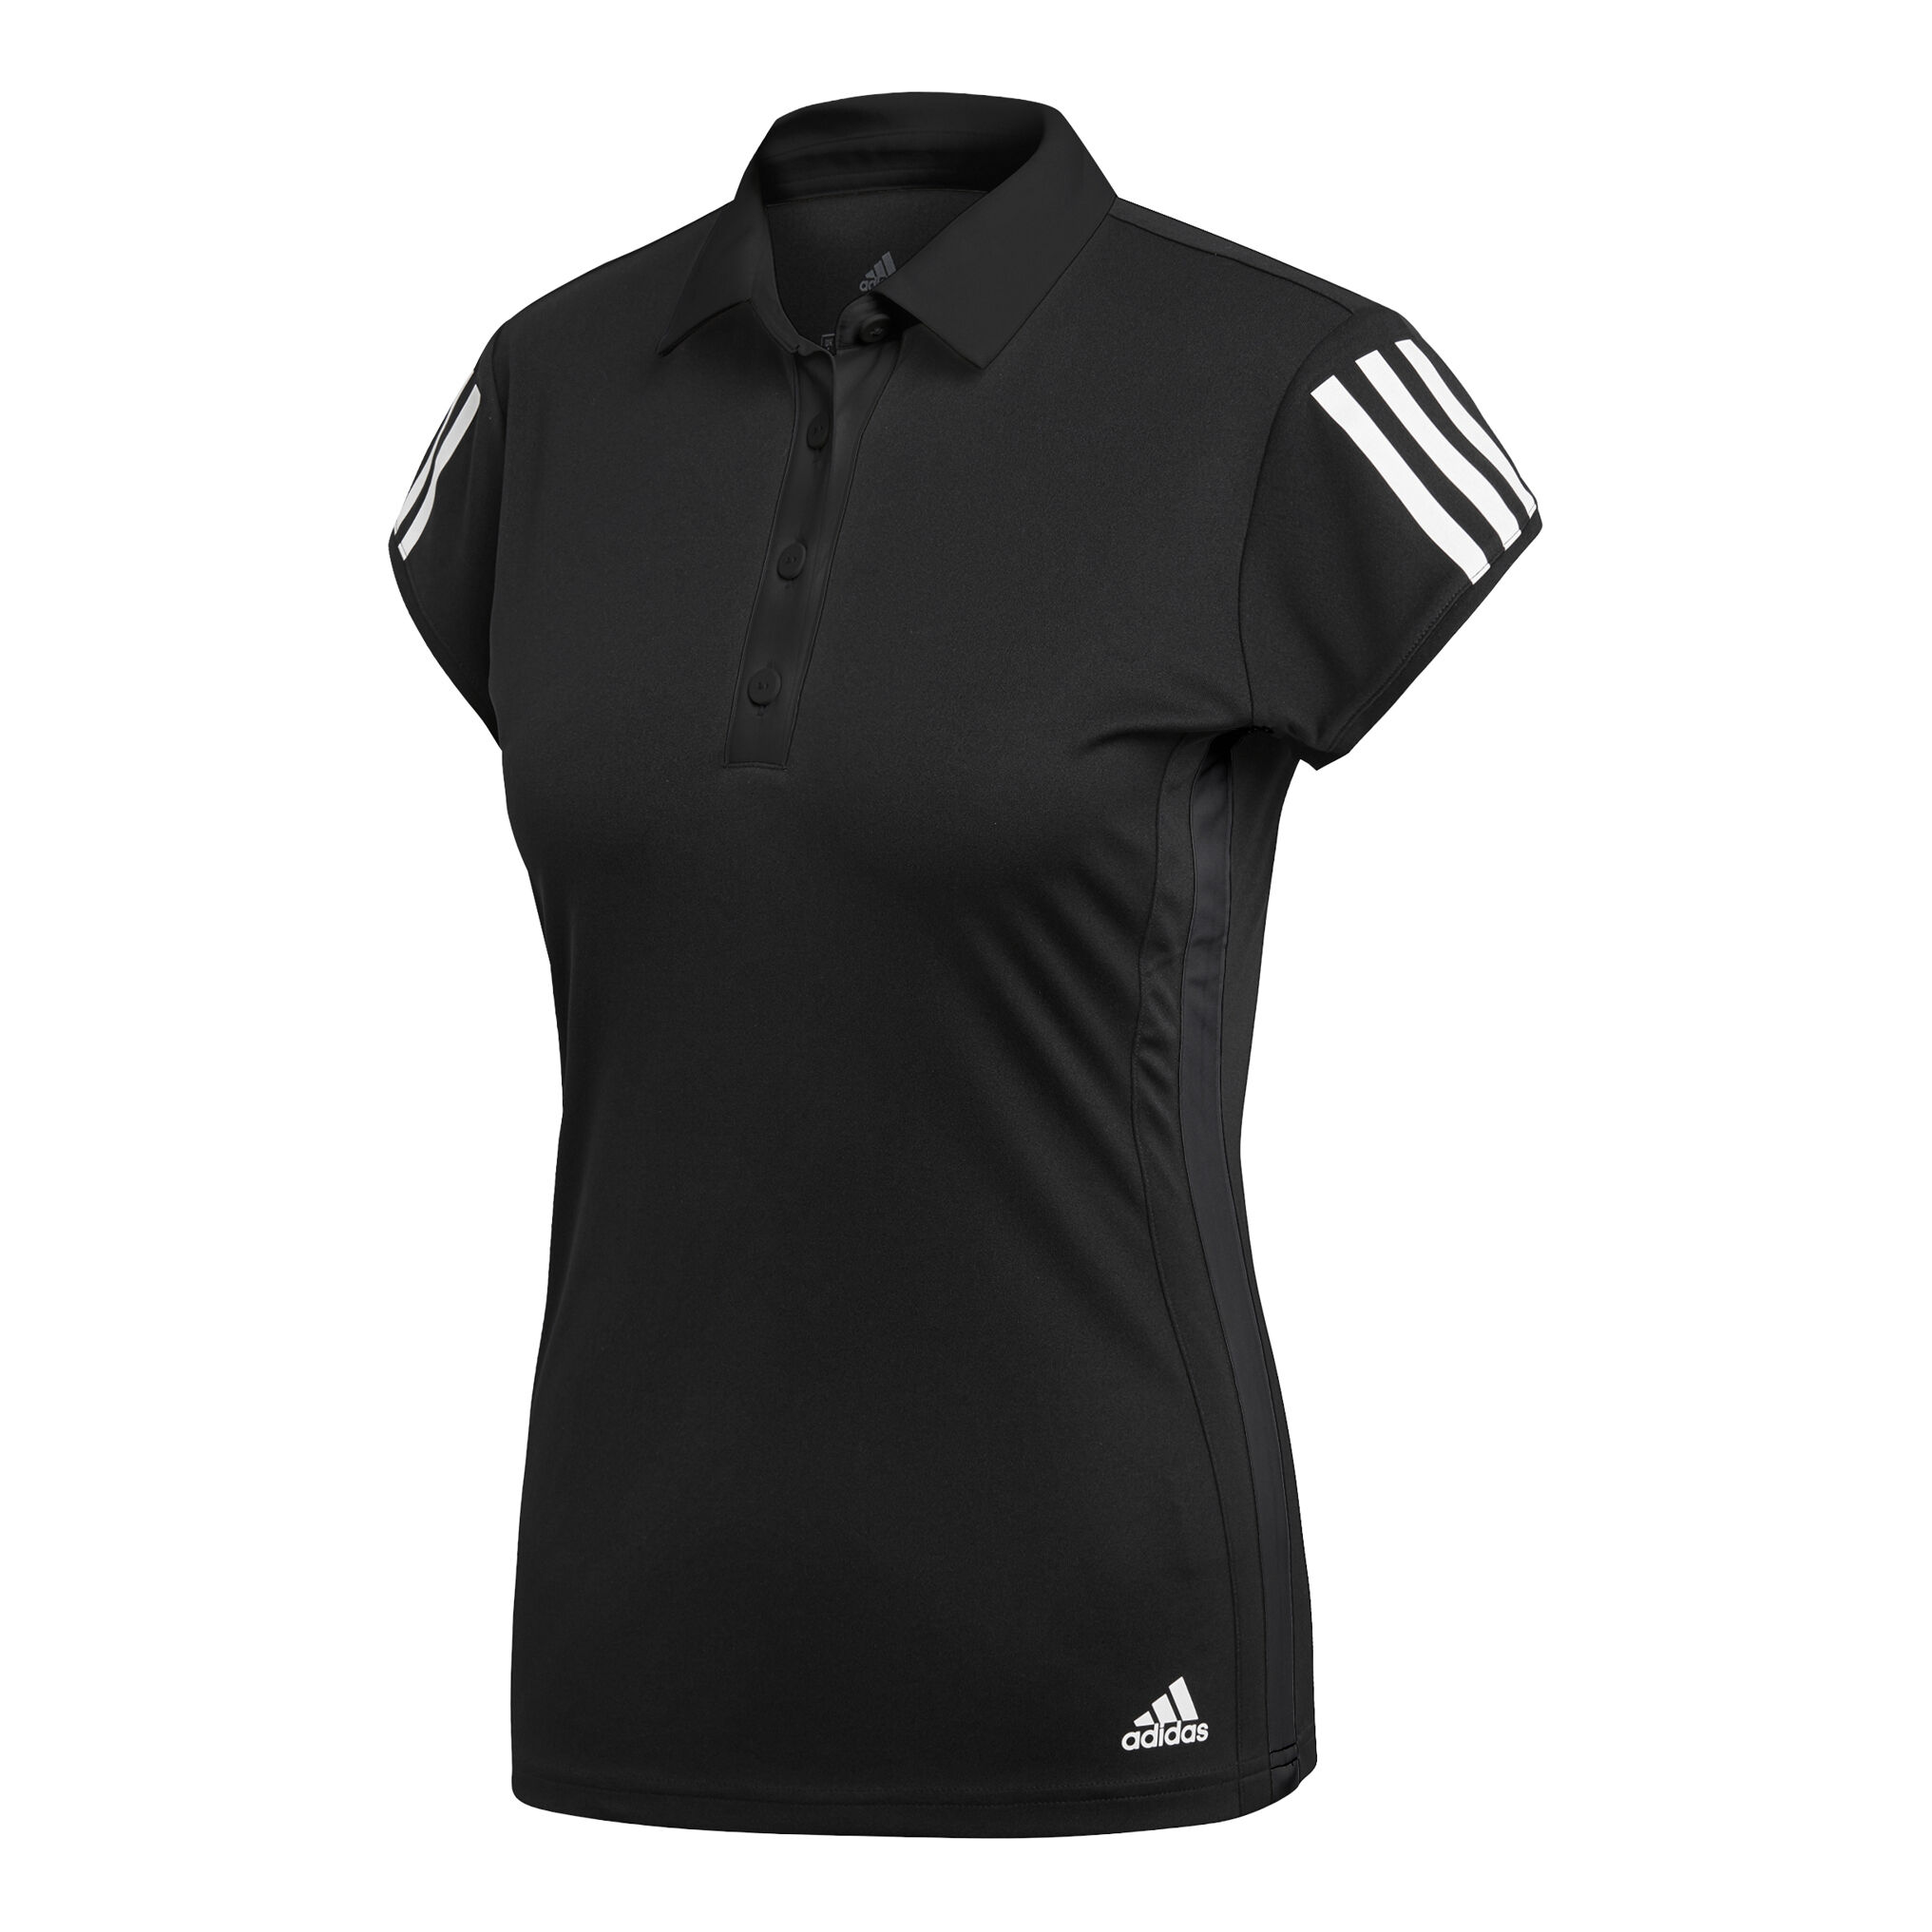 adidas Club 3 Stripes Polo Damen Schwarz, Weiß online